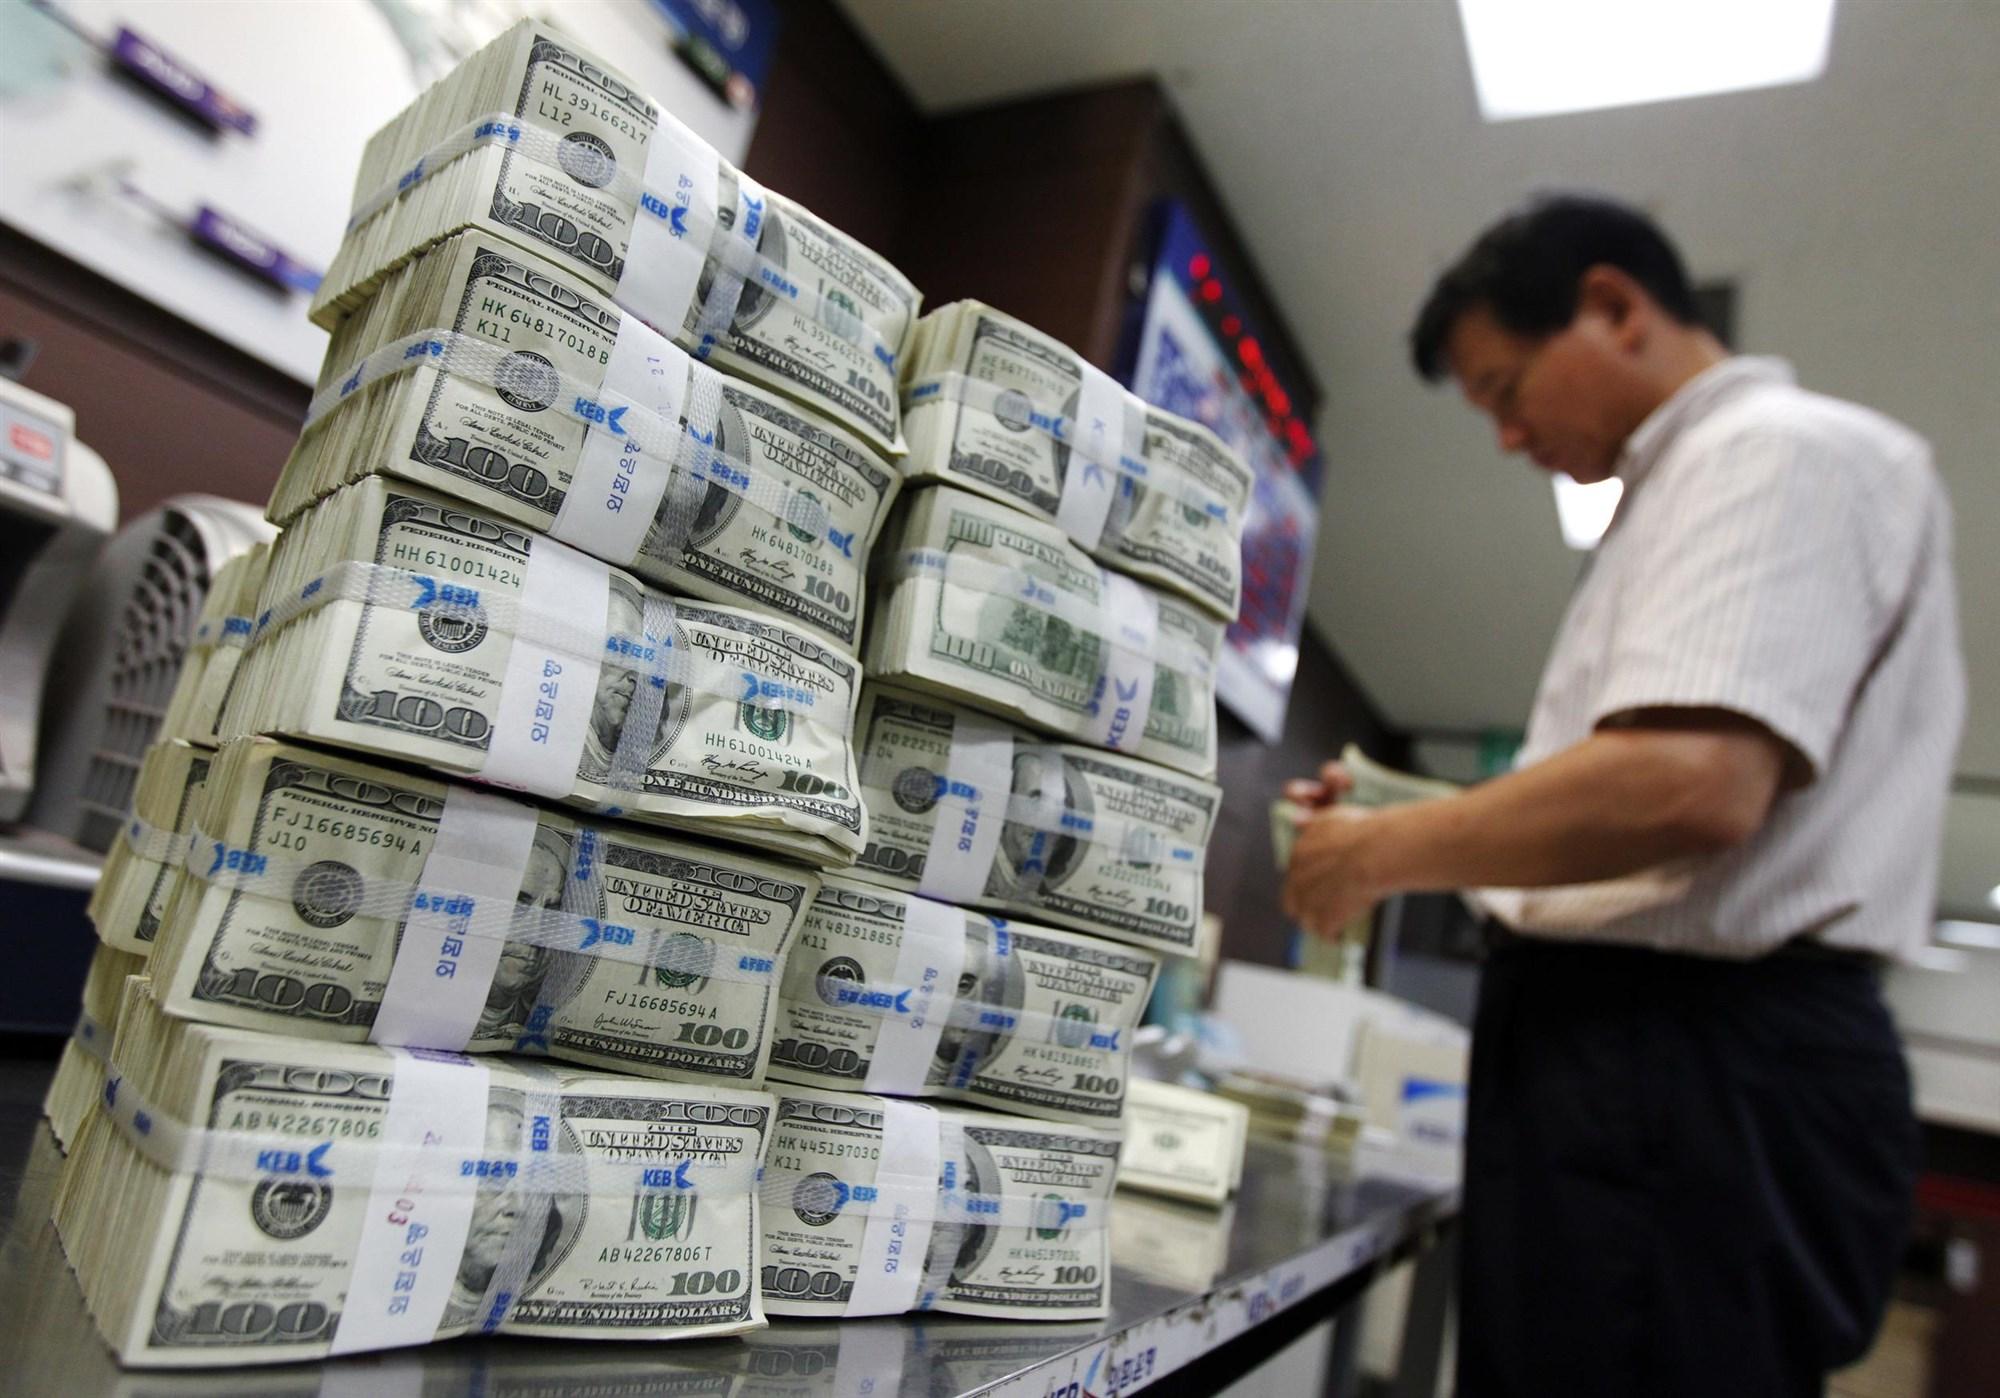 Tiền cùng màu: Thoạt nhìn các đồng USD khá giống nhau, đều có màu xanh, ngoại trừ hình ảnh in trên tiền. Trong khi đó ở nhiều quốc gia khác, các đồng tiền có màu sắc, hình dáng và kích thước khác nhau tùy theo mệnh giá. Do đó, khách du lịch sẽ dễ bối rối khi tiêu tiền USD. Ảnh: Jo Yong Hak/ Reuters